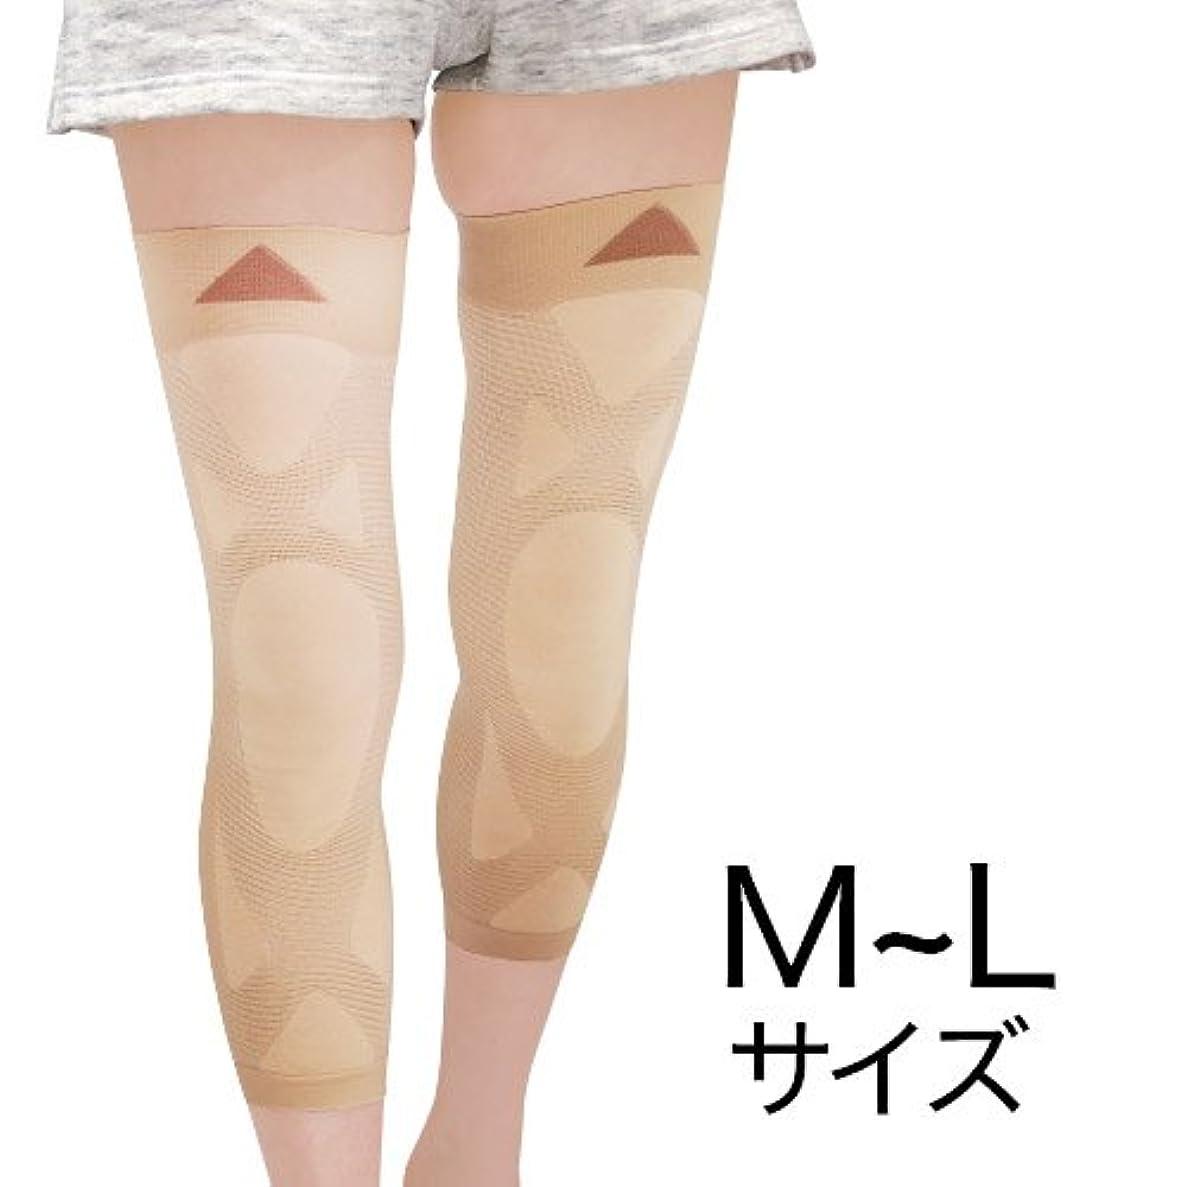 凝縮するサロンもナチュラルガーデン 膝楽サポーター M~L(左右共通2枚組)